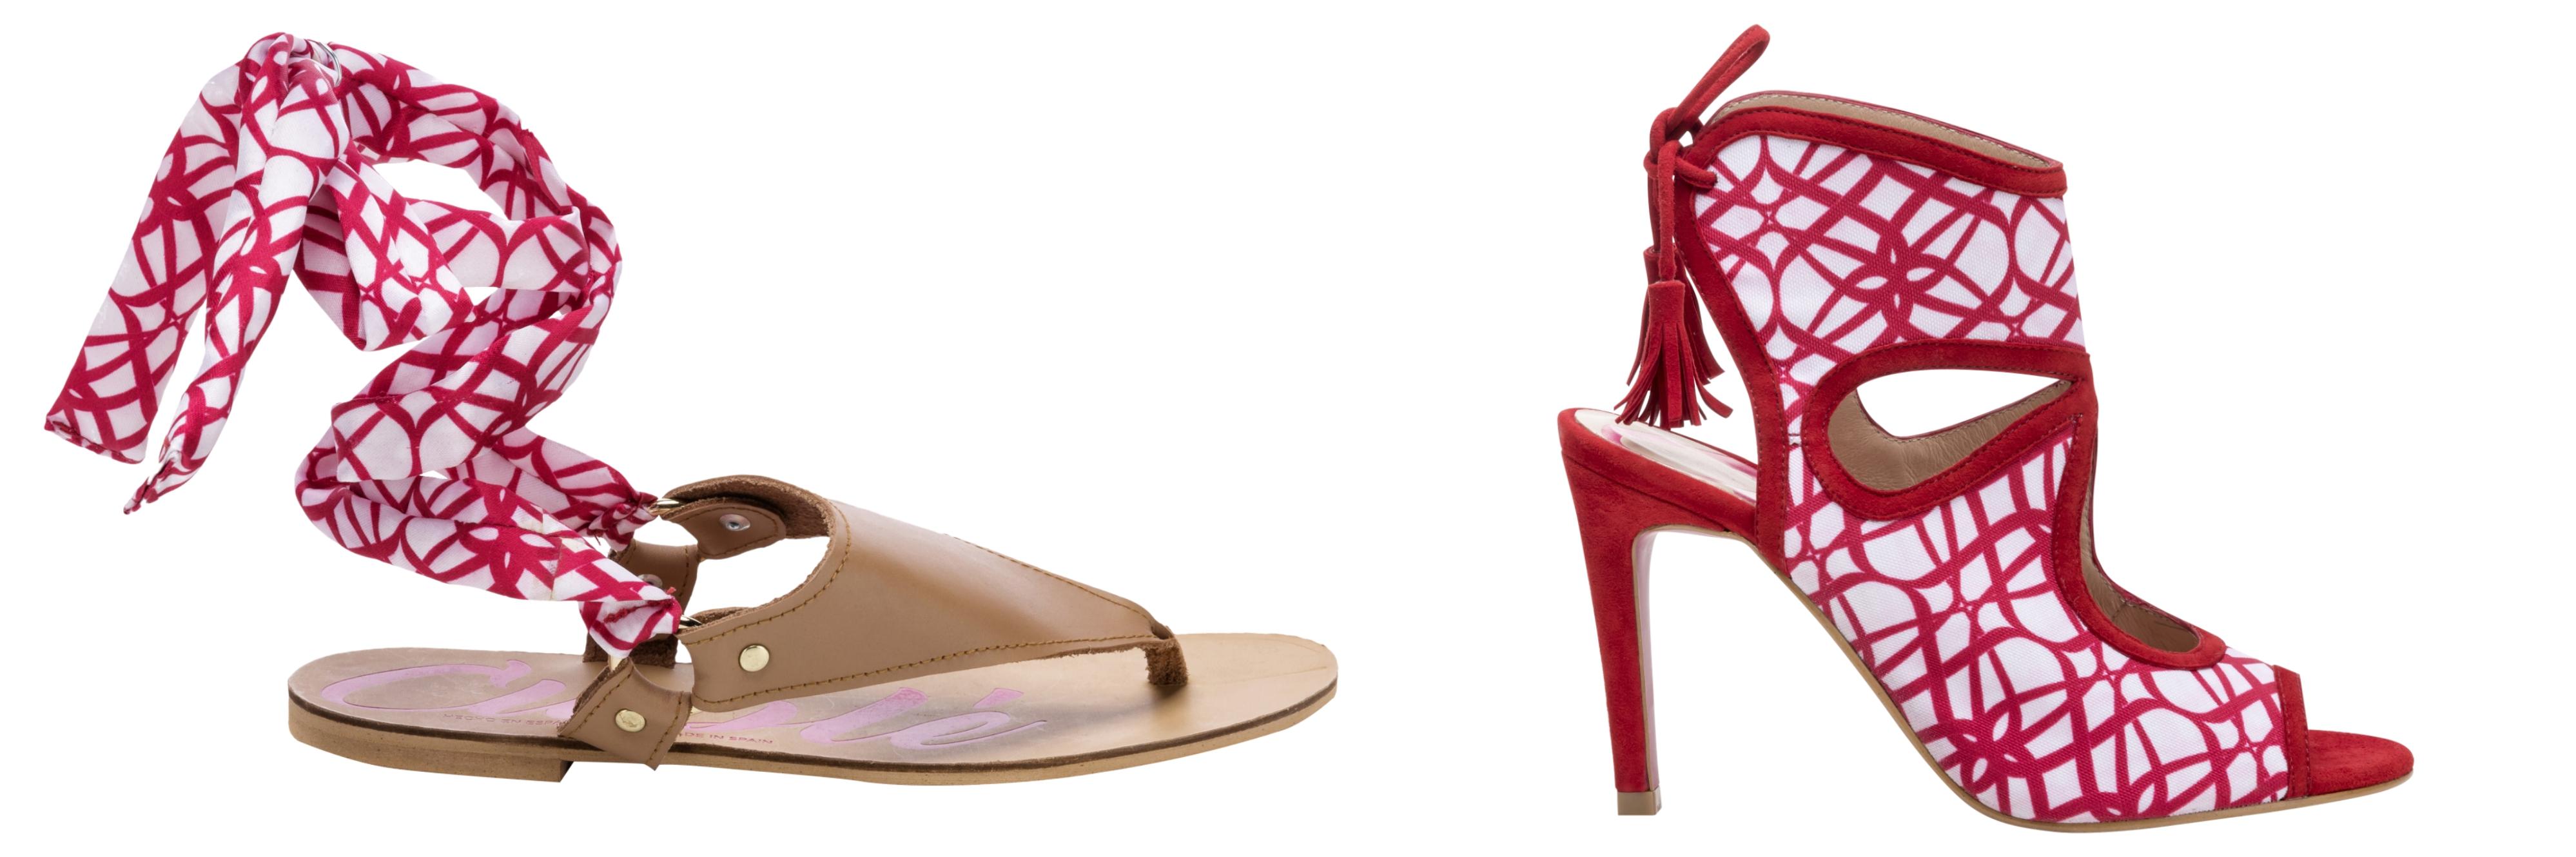 Jeff Bargues diseña los zapatos y bolsos de Cuplé esta temporada - image cuple-vanidad3 on https://www.vanidad.es